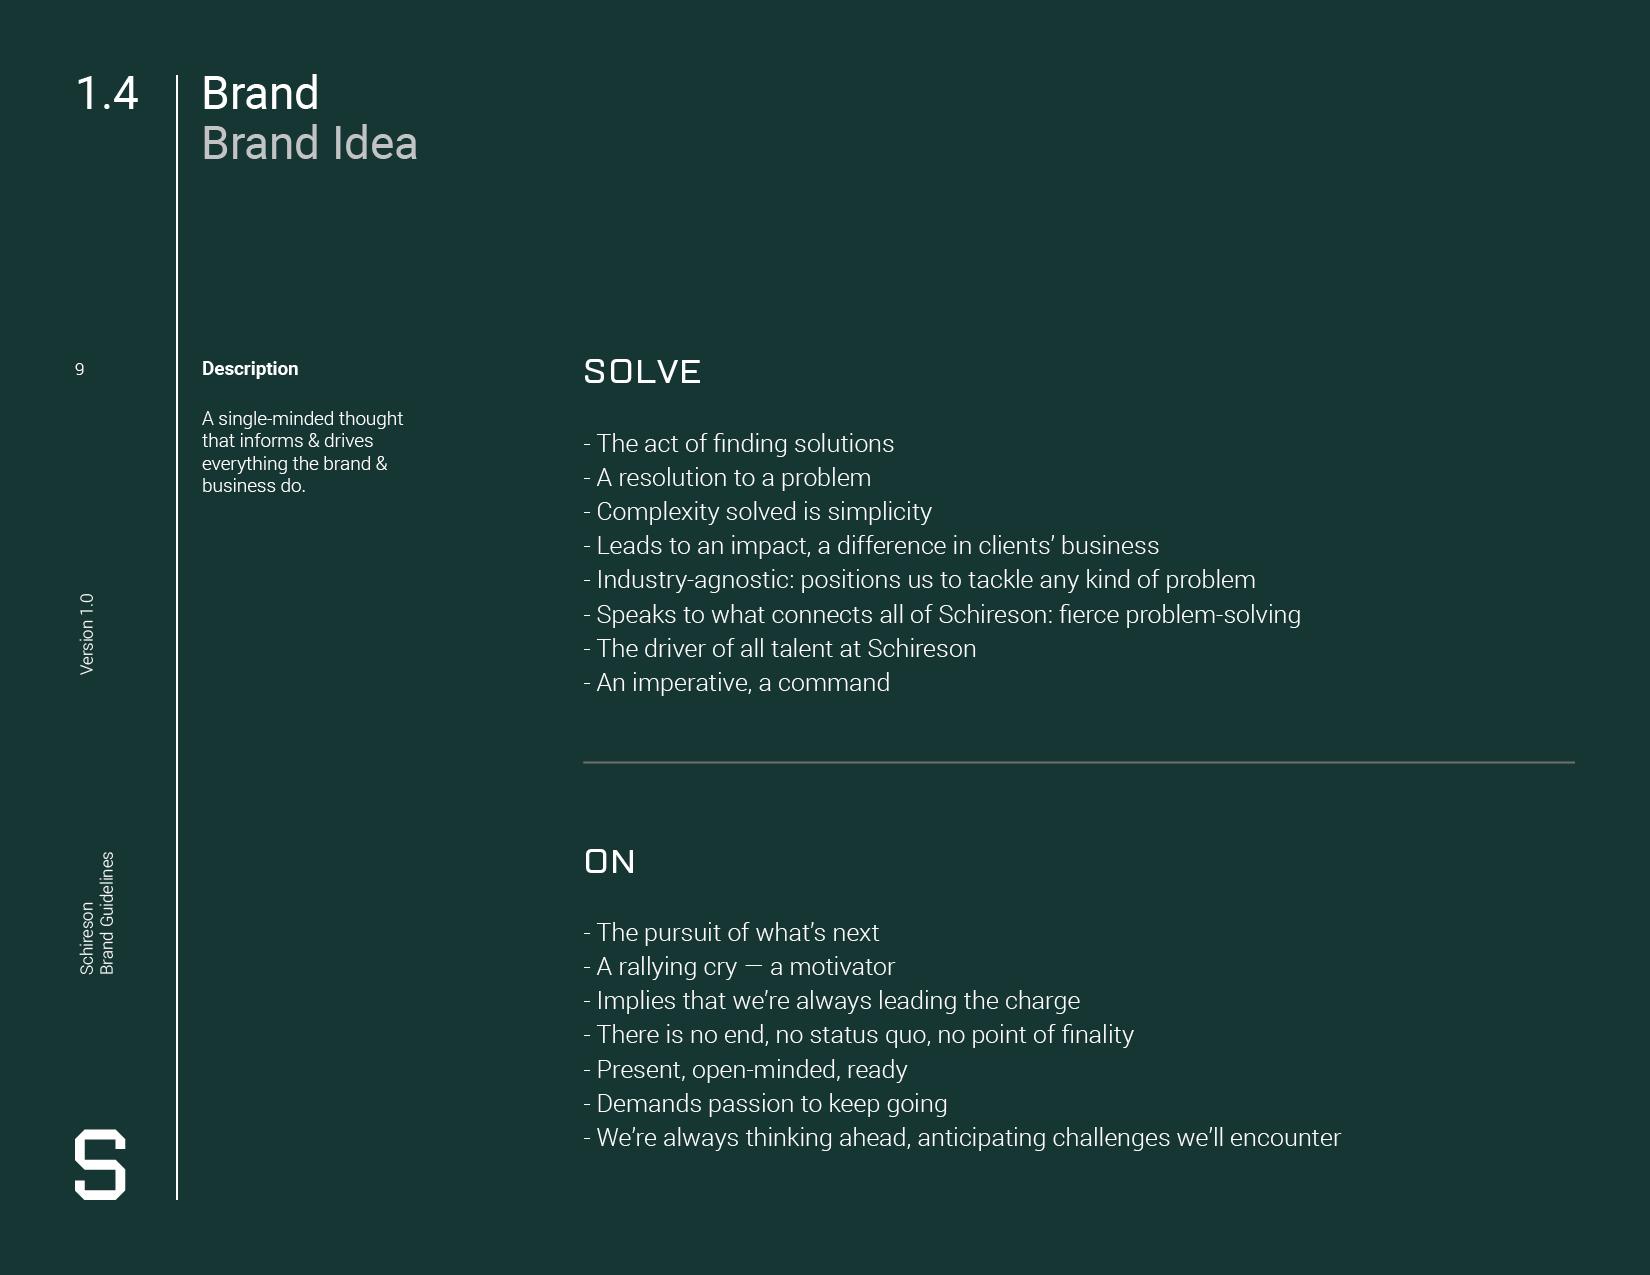 USLetter_Schireson_Brand-Guidelines_v29